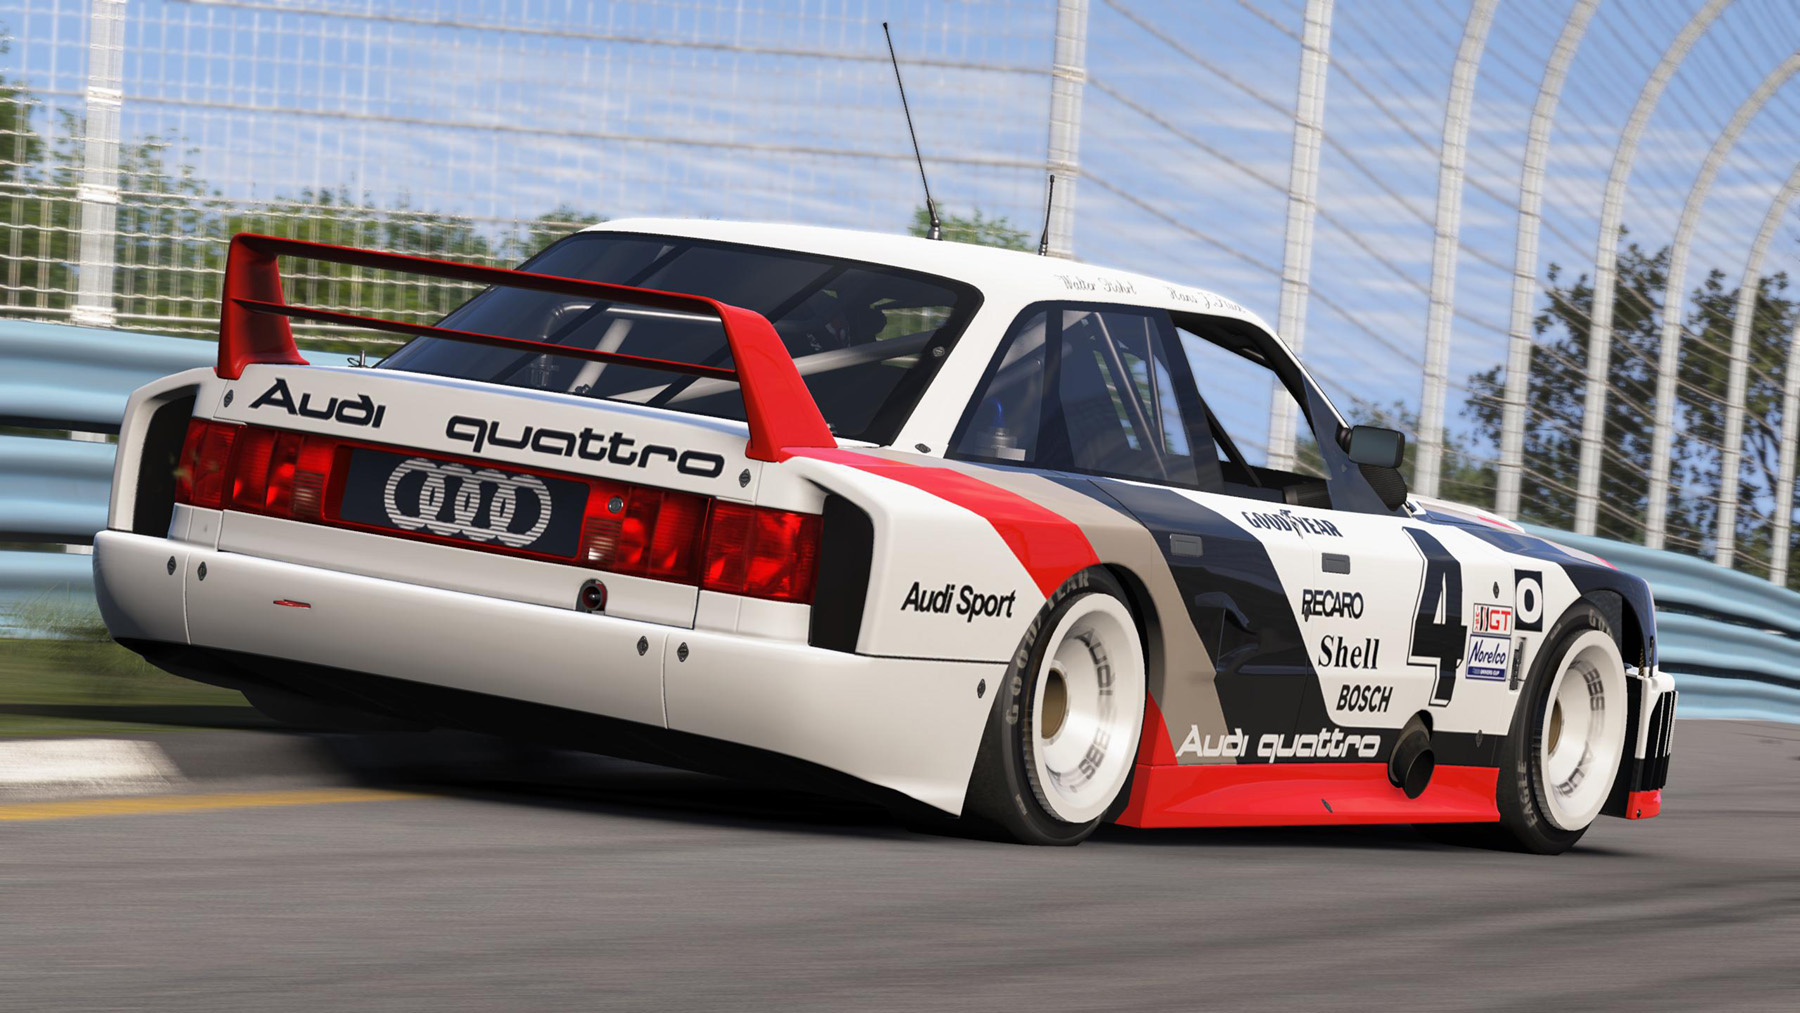 Project Cars dostal nový okruh a vozy značky Audi 111684